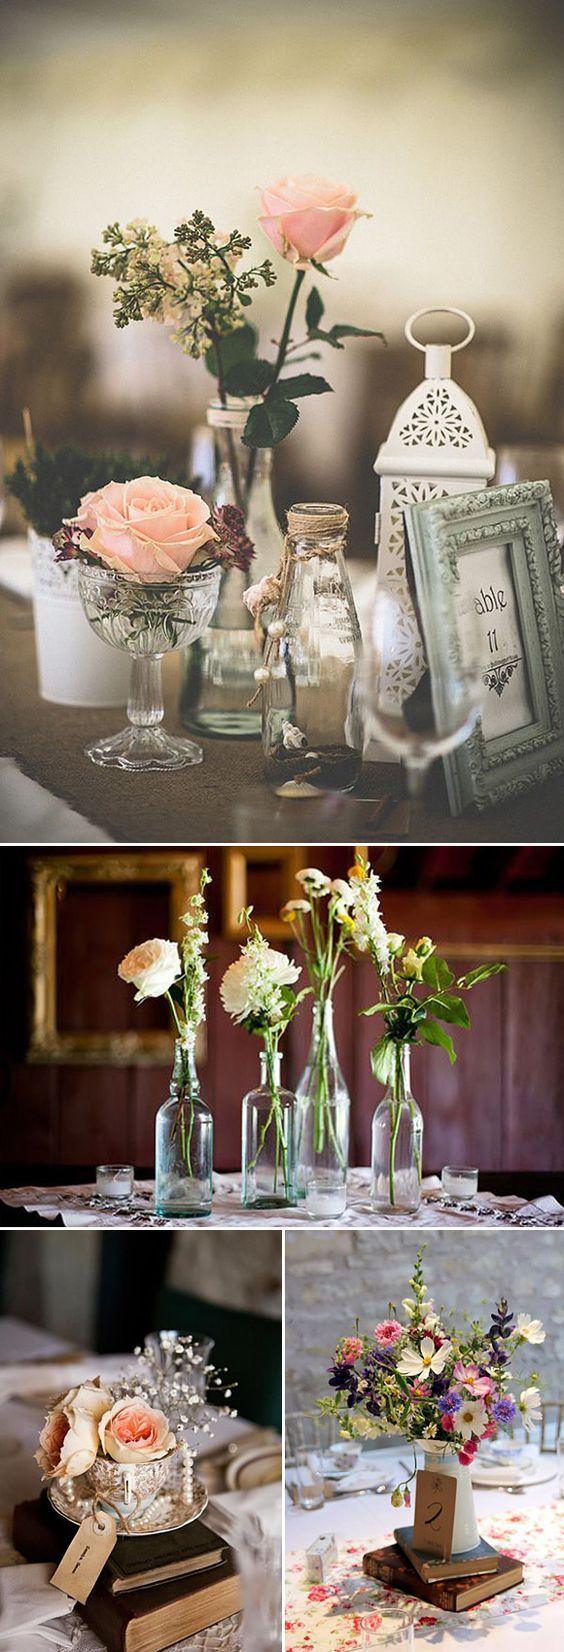 Centros de mesa para bodas vintage: